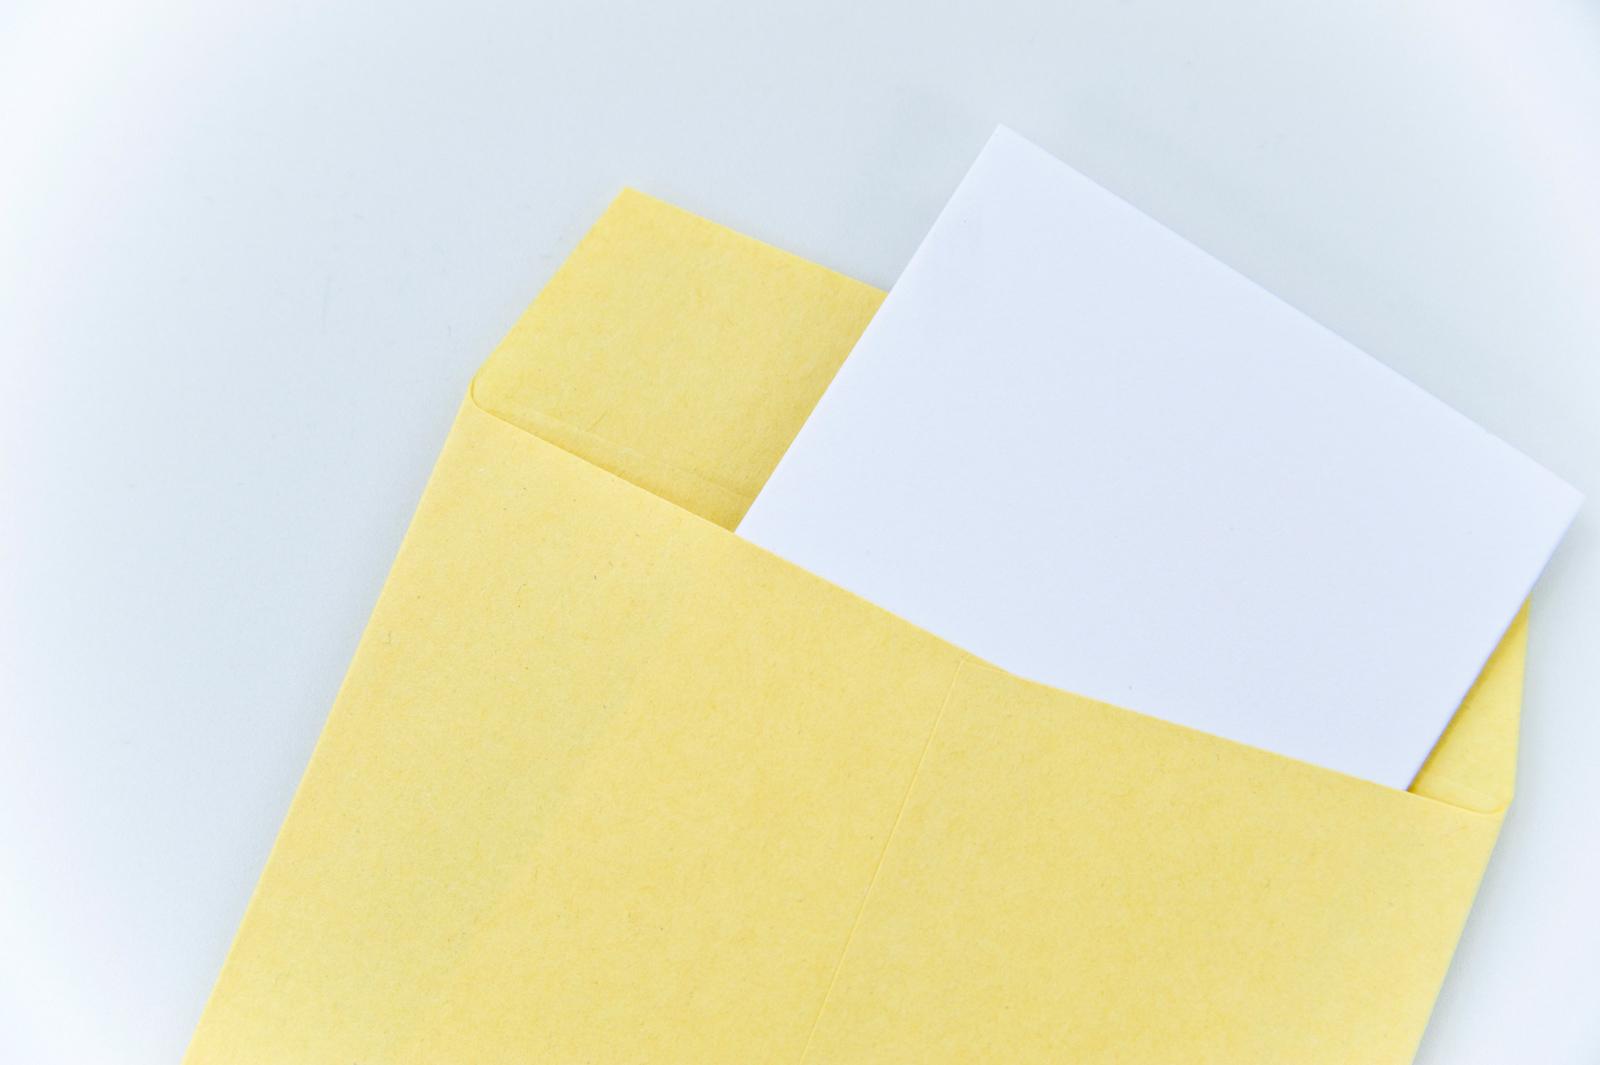 封筒から出でいる書類